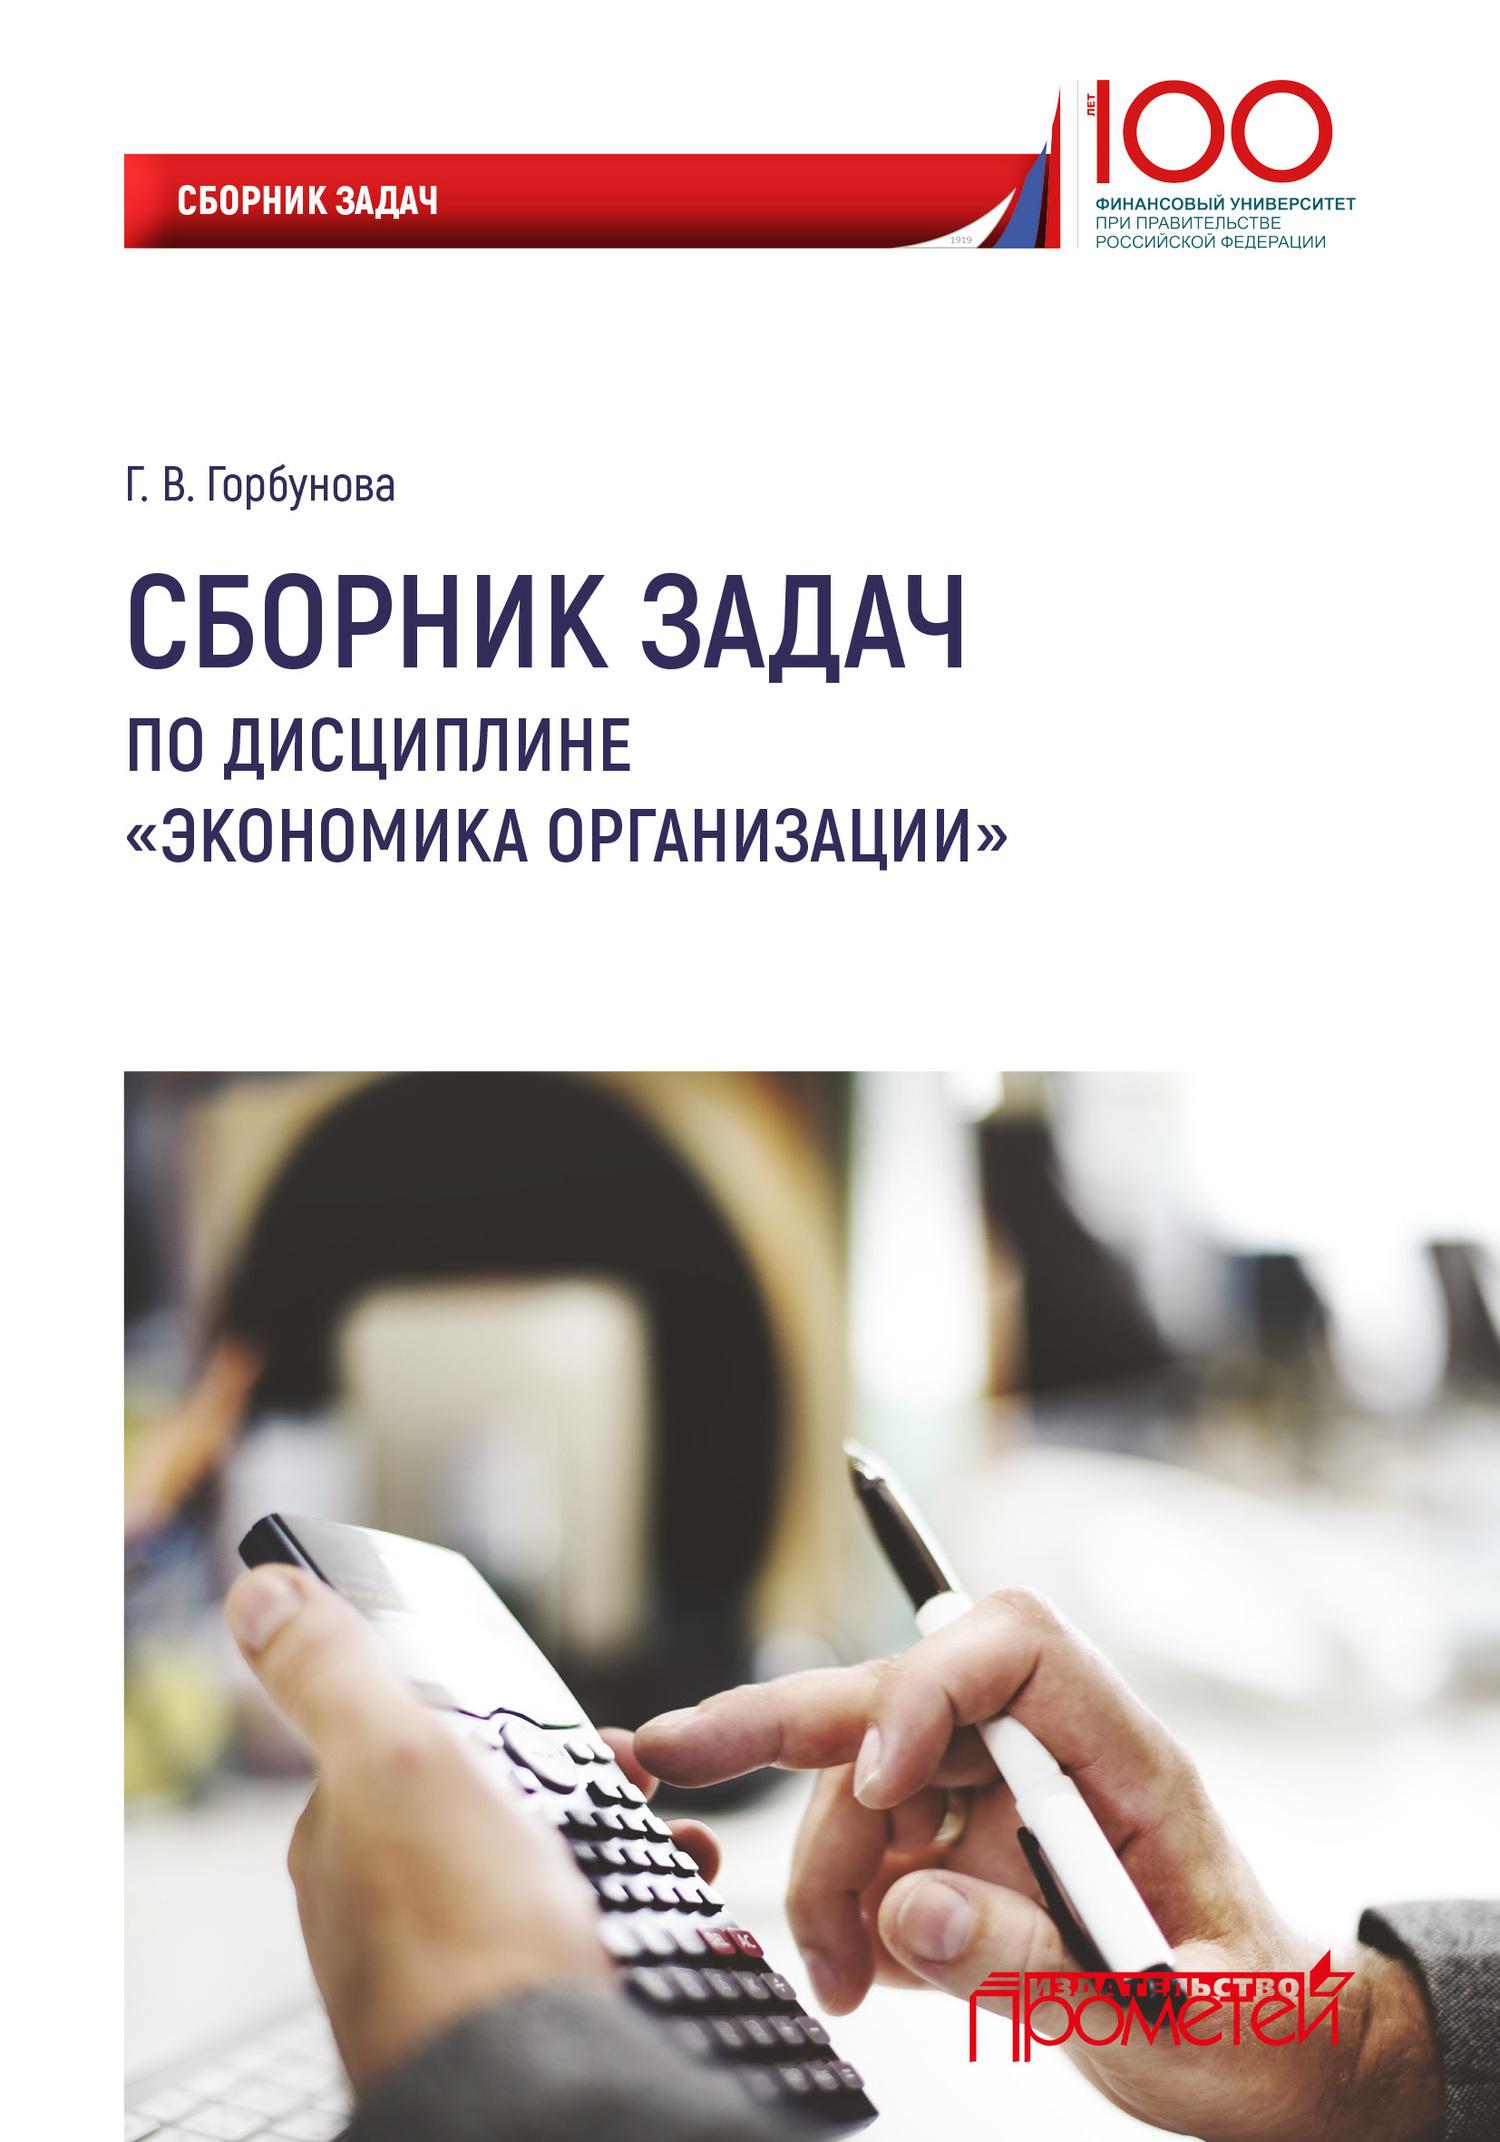 фото обложки издания Сборник задач по дисциплине «Экономика организации»